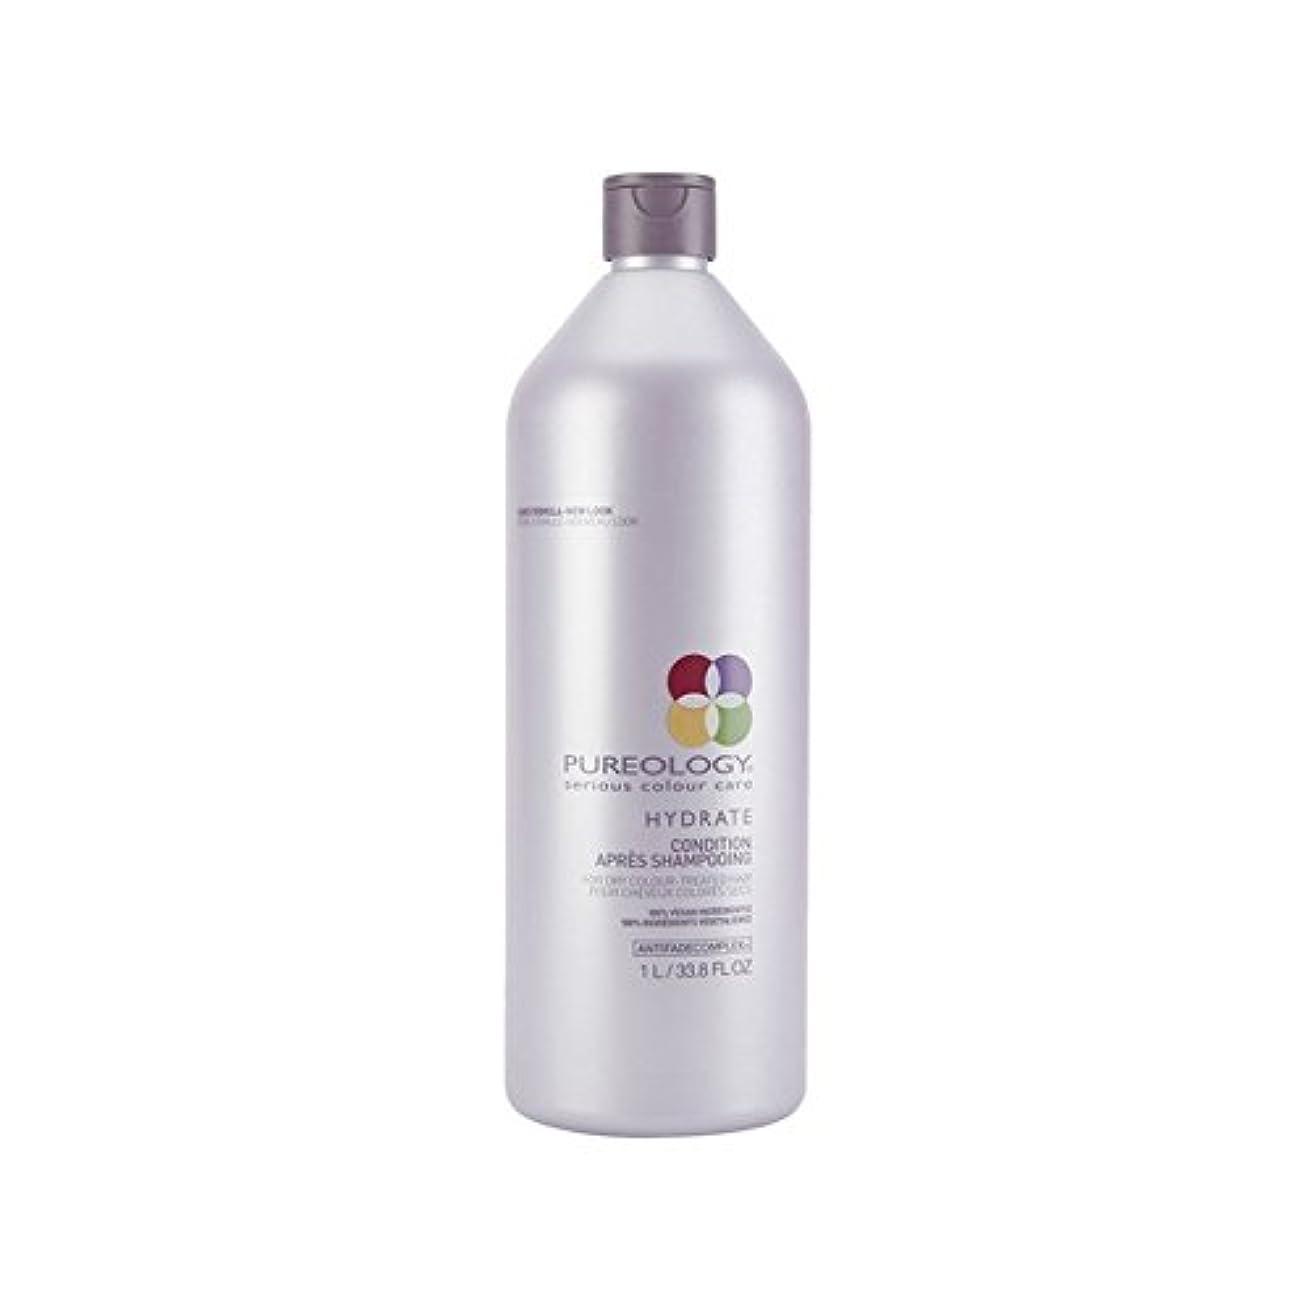 軍団価格眠るPureology Pure Hydrate Conditioner (1000ml) - 純粋な水和物コンディショナー(千ミリリットル) [並行輸入品]